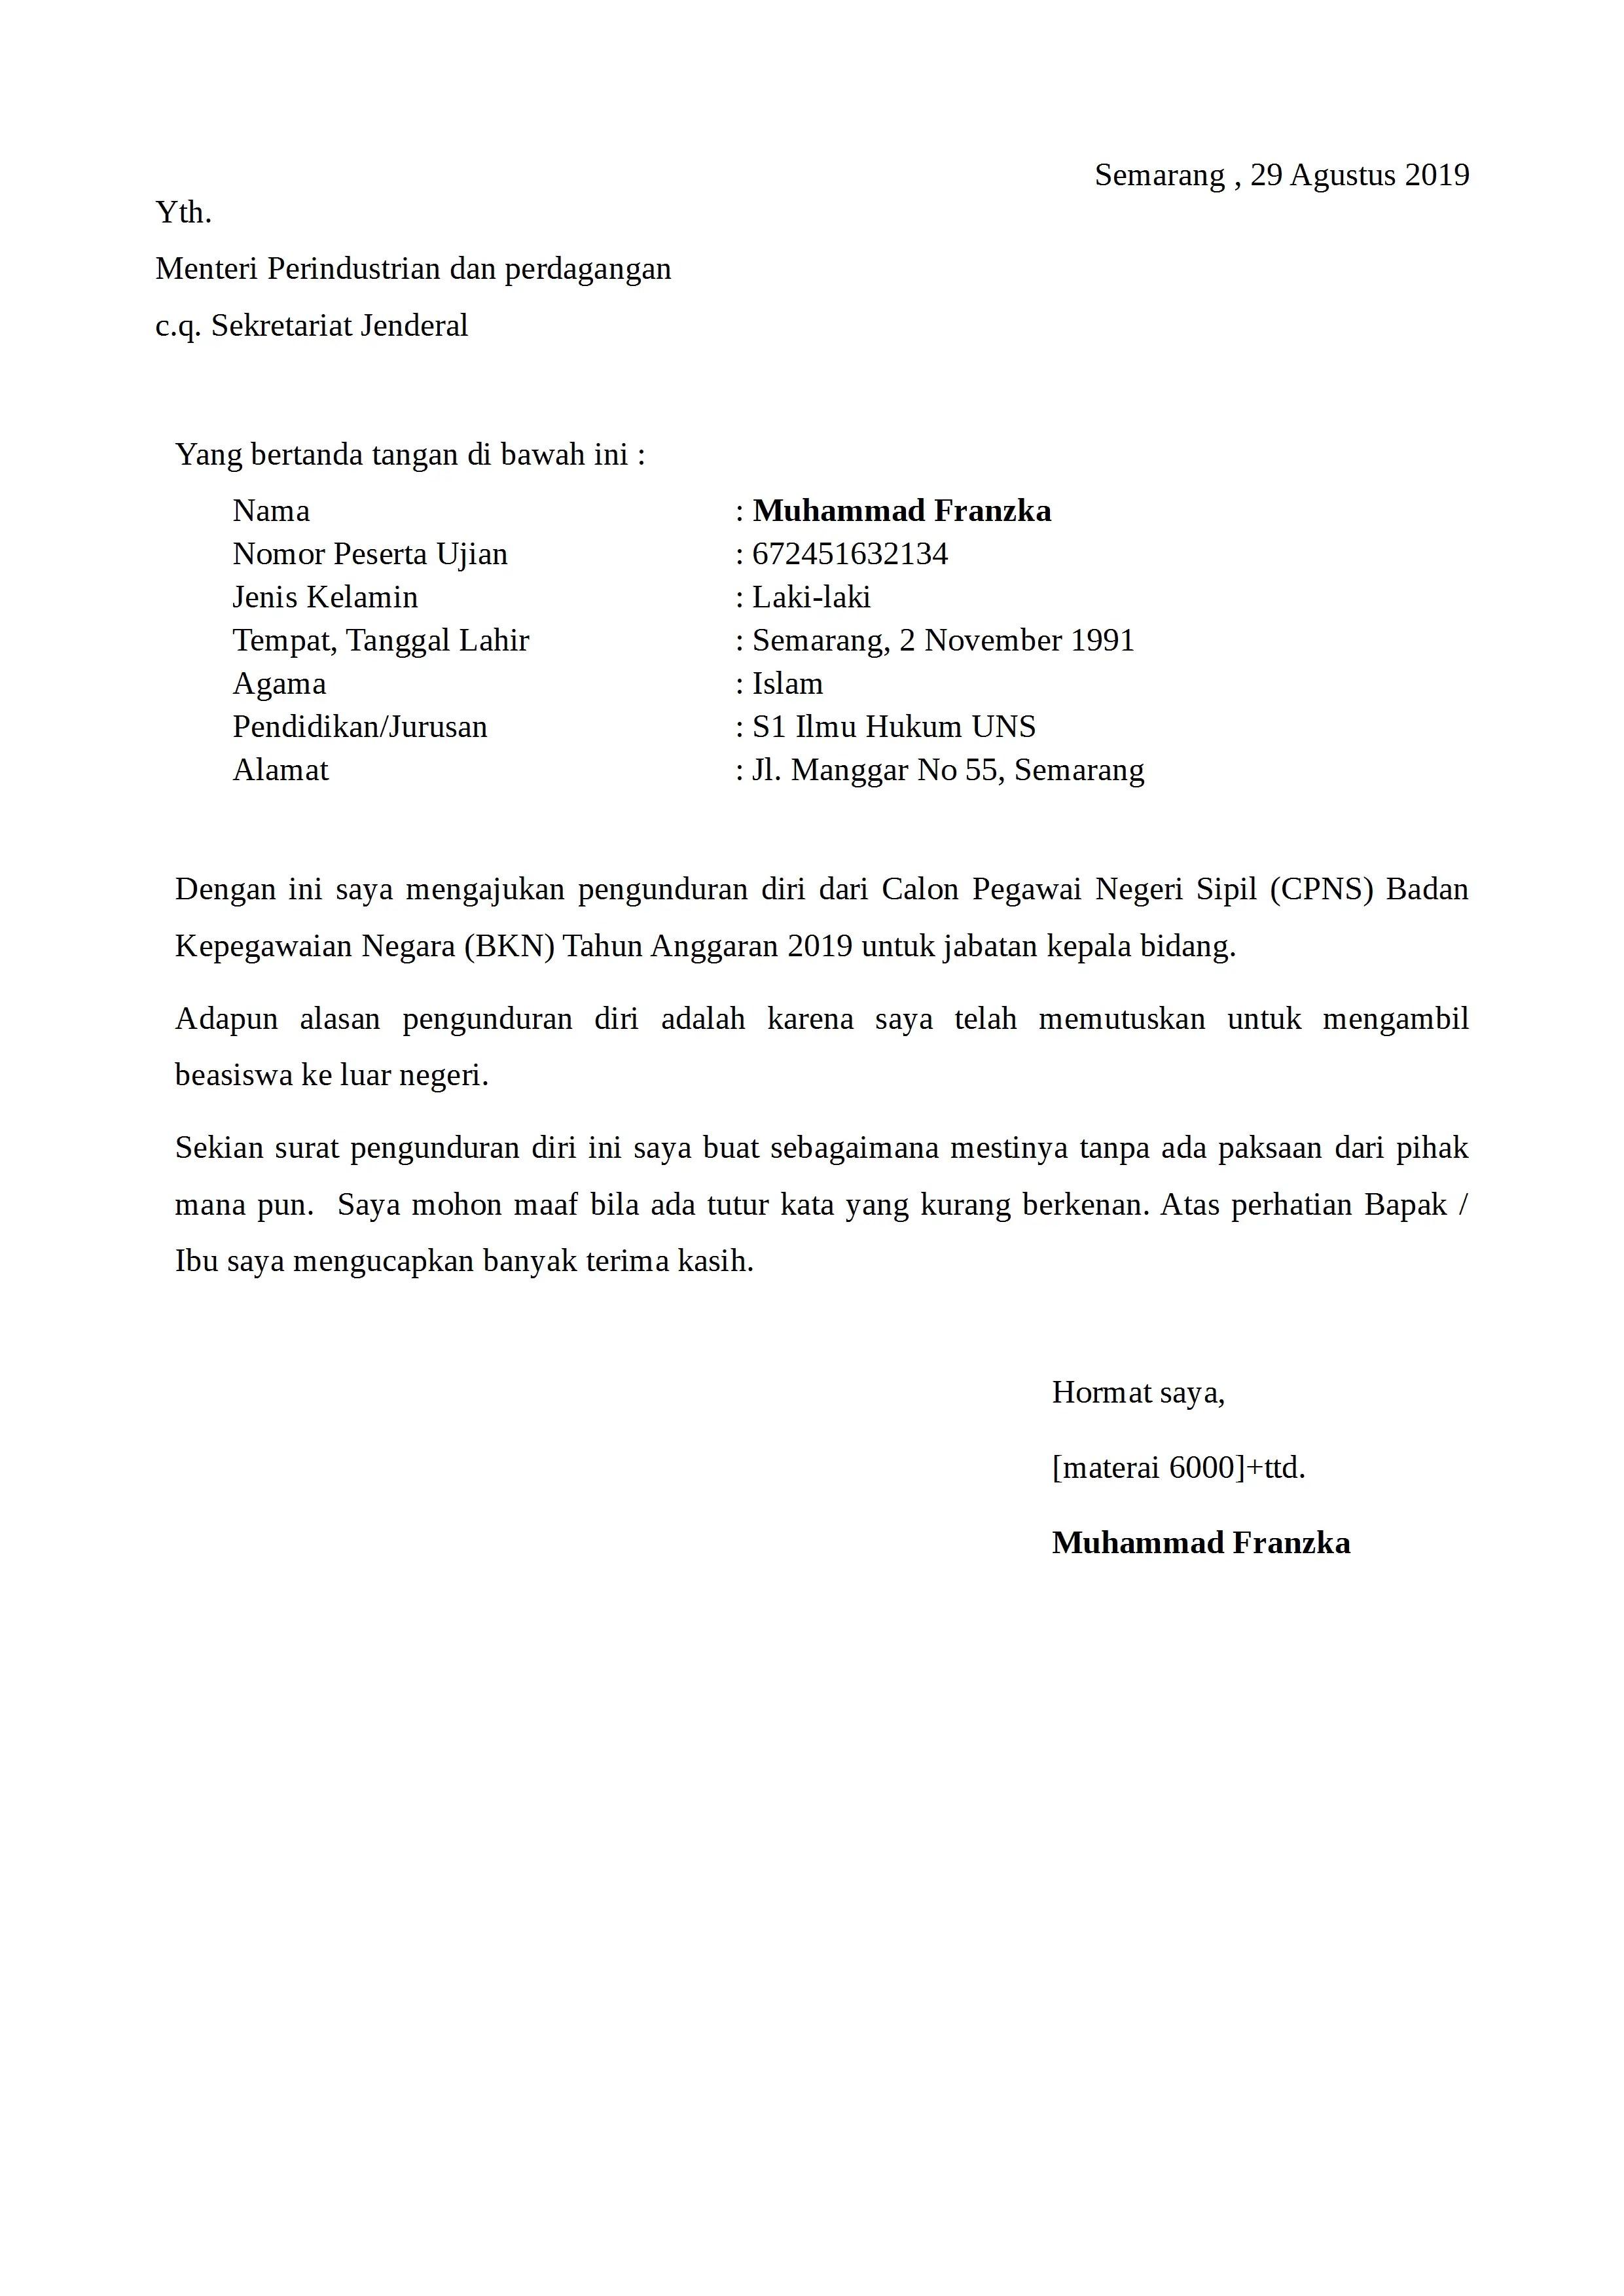 Contoh Surat Pengunduran Diri Rt Doc Download Contoh Lengkap Gratis